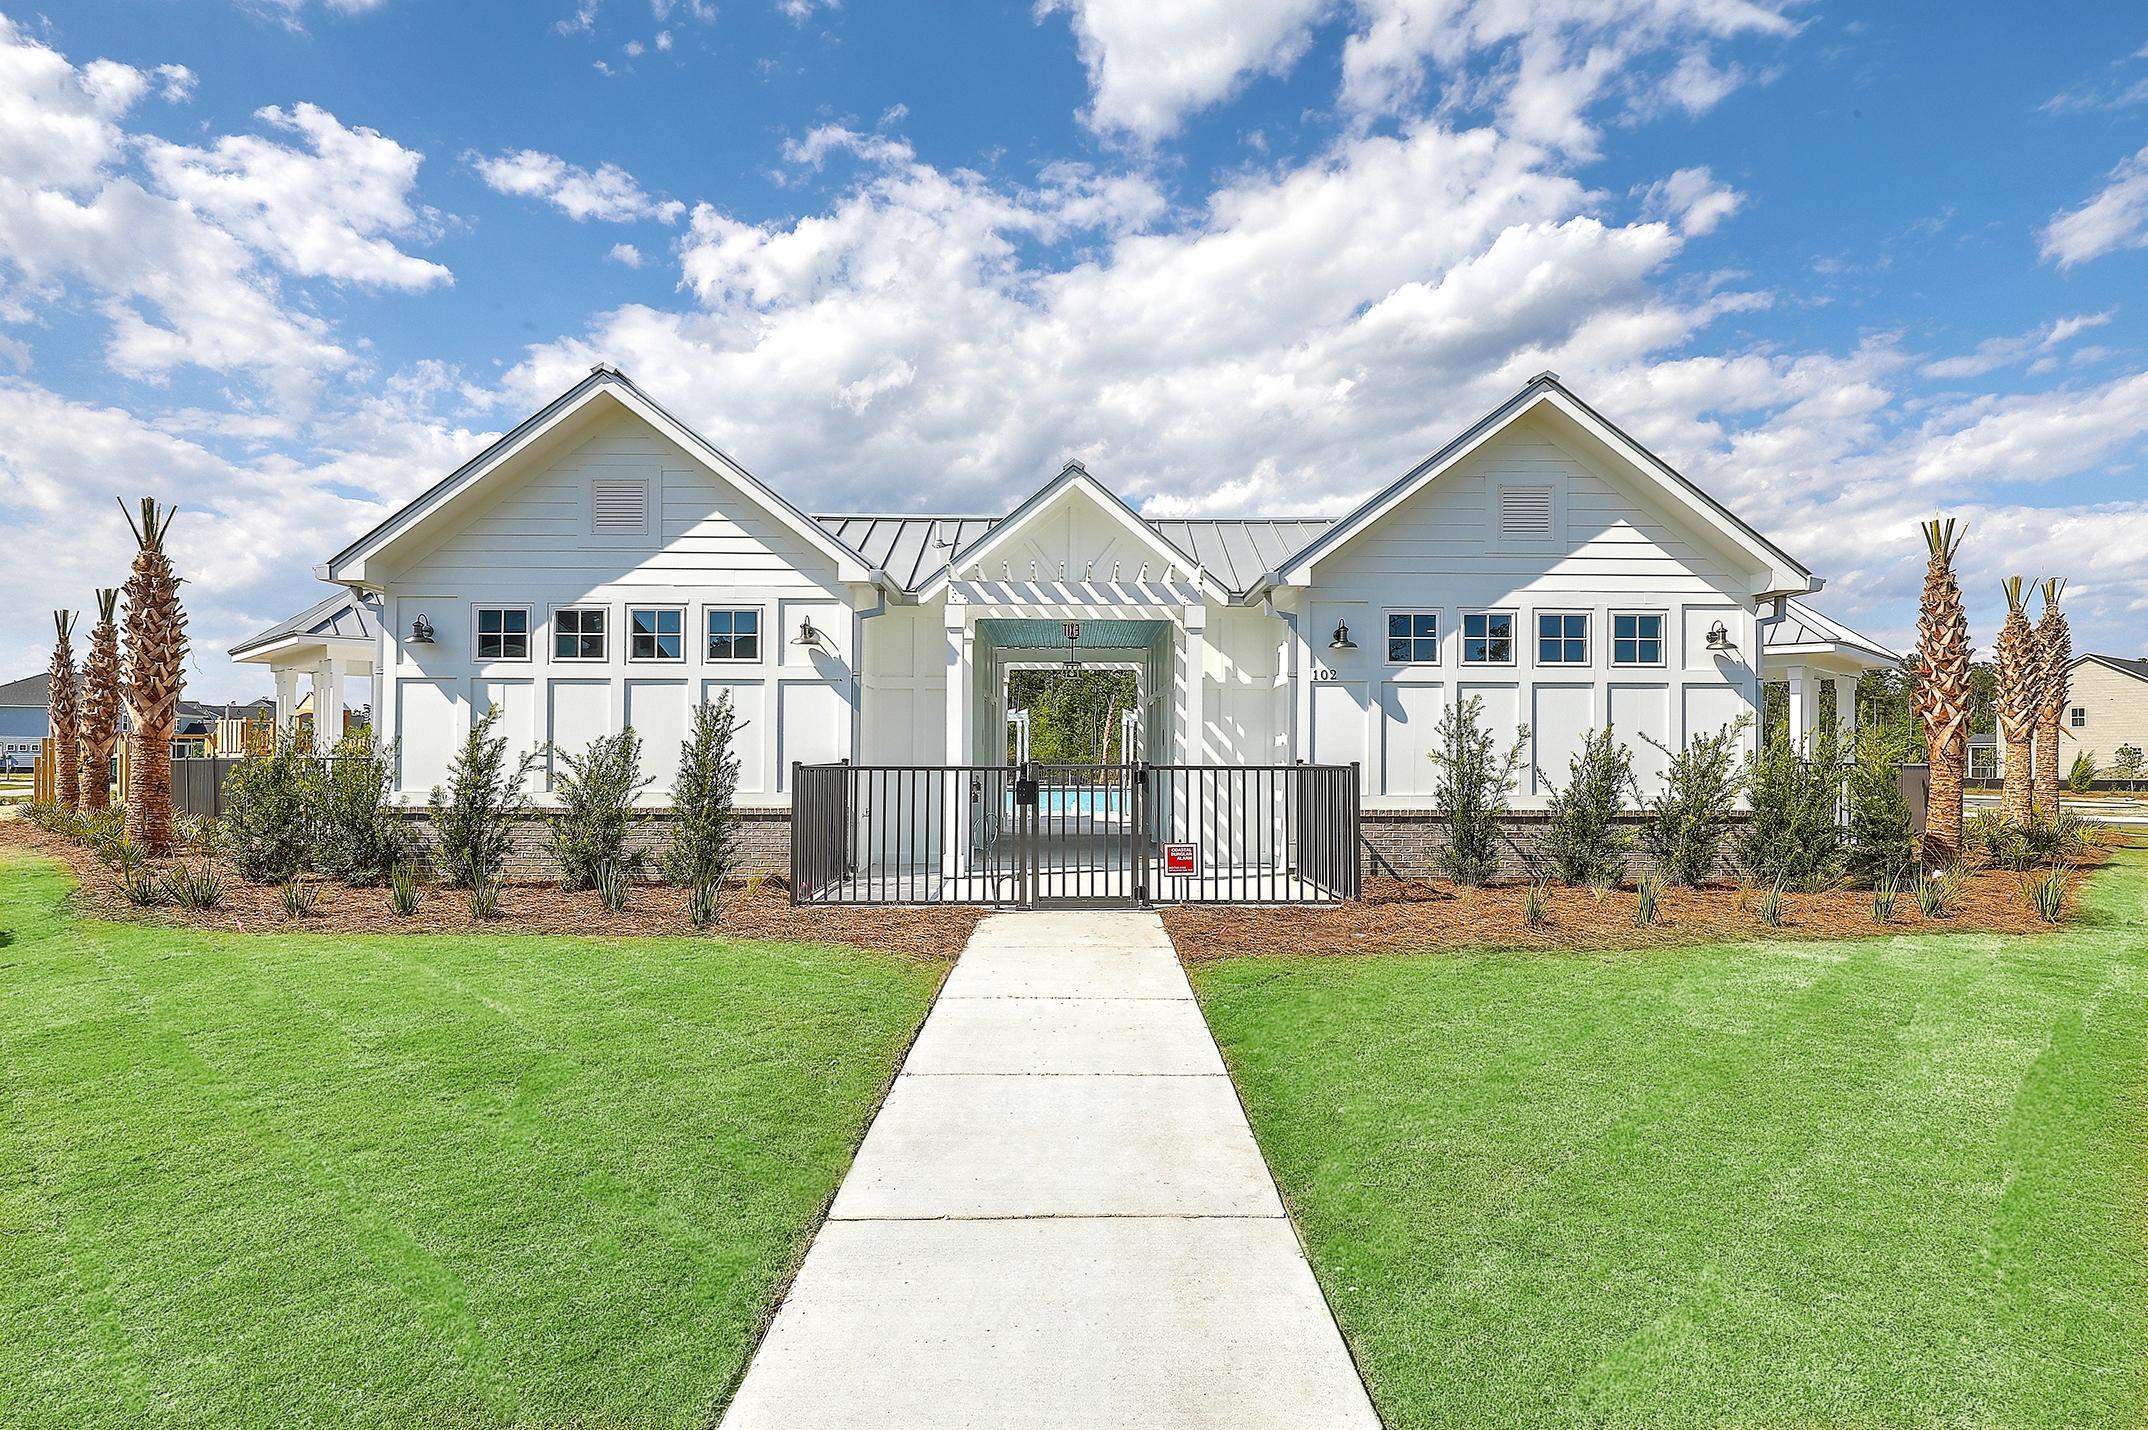 Cane Bay Plantation Homes For Sale - 129 Cotesworth, Summerville, SC - 13